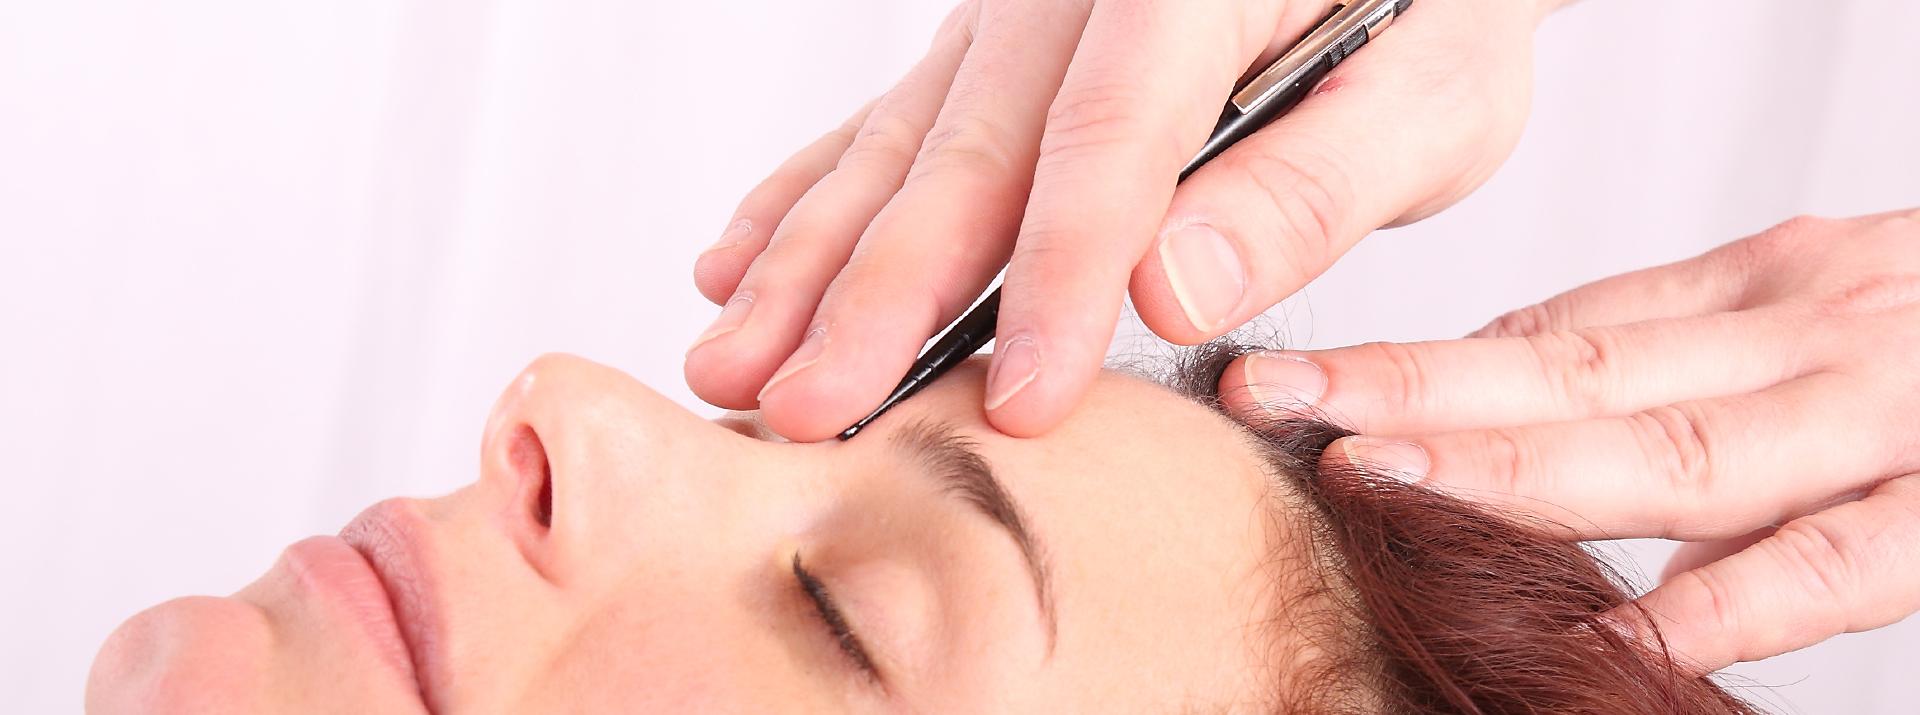 Akupunkt-Massage-Therapie